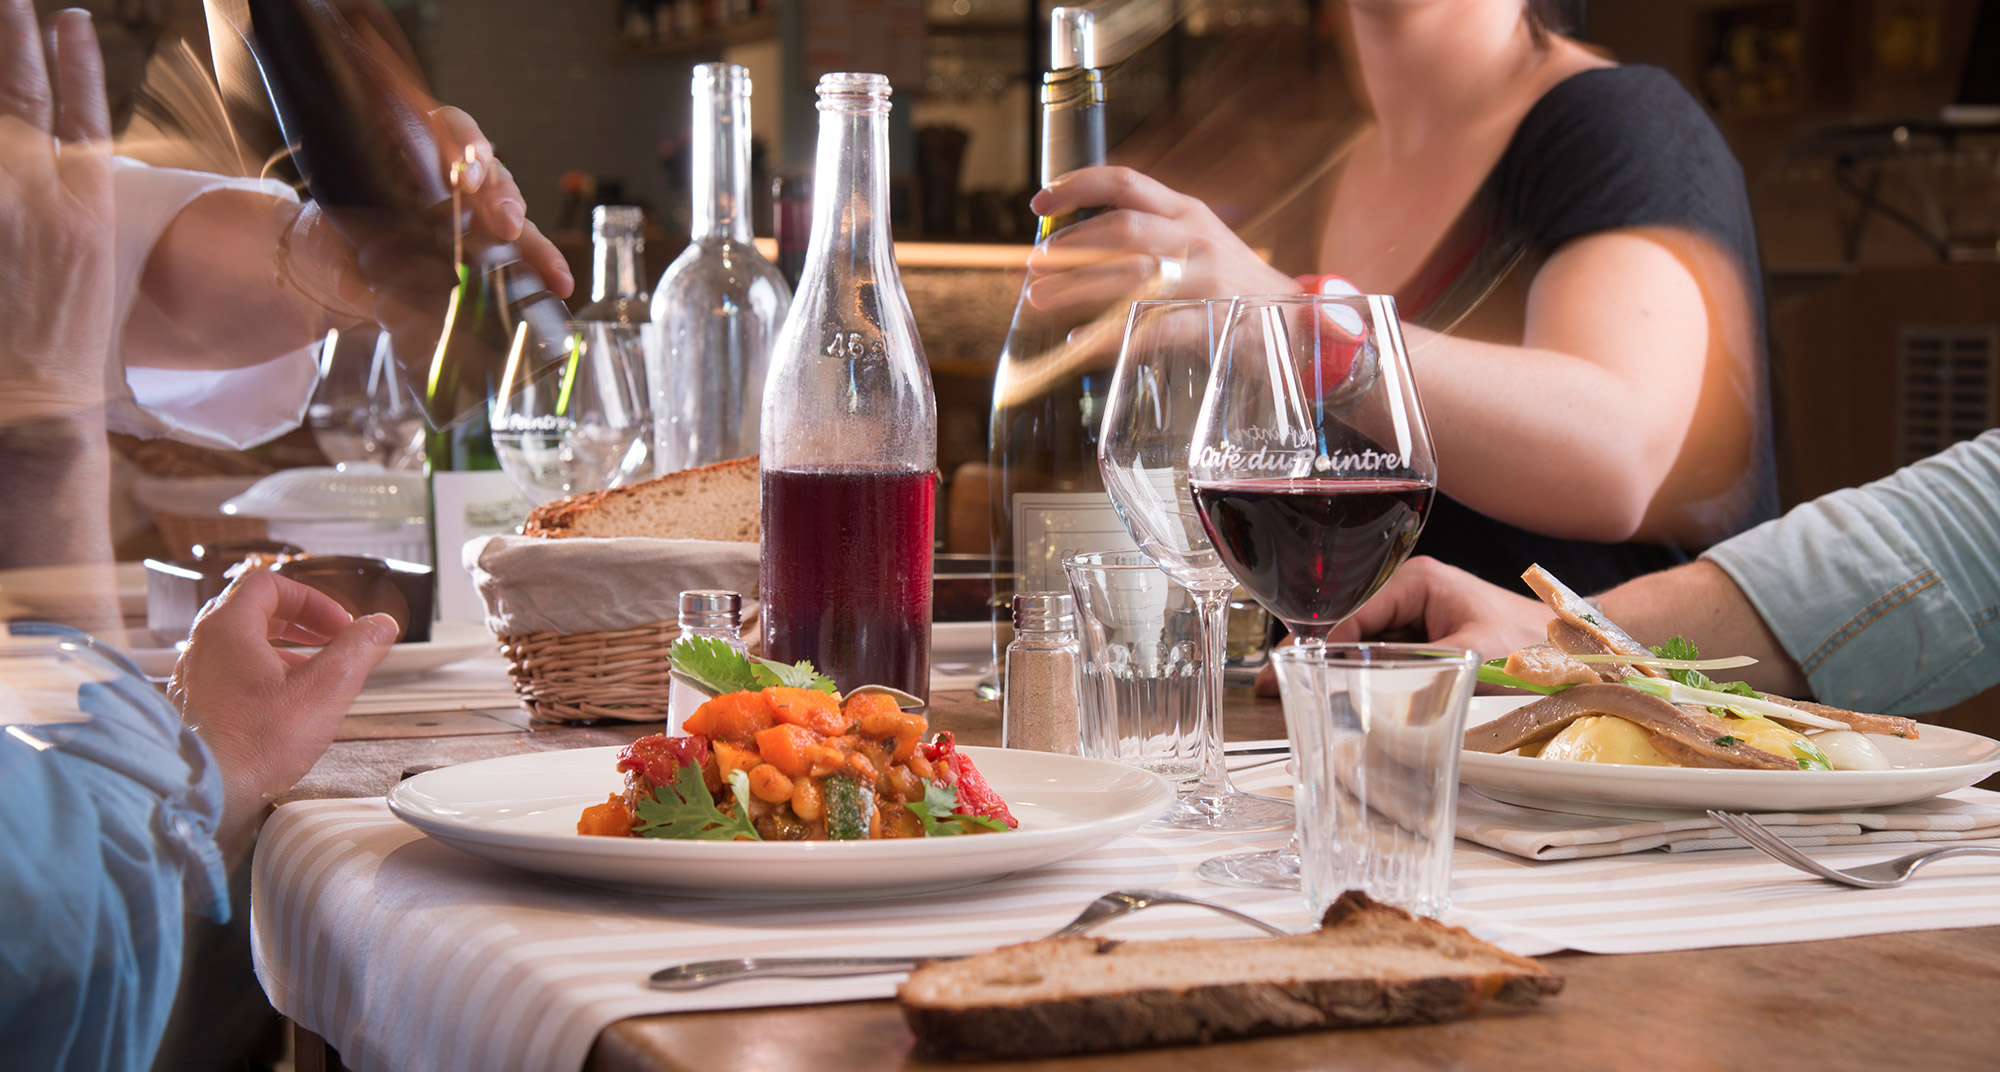 le café du peintre - bouchon lyonnais - restaurant lyon 6